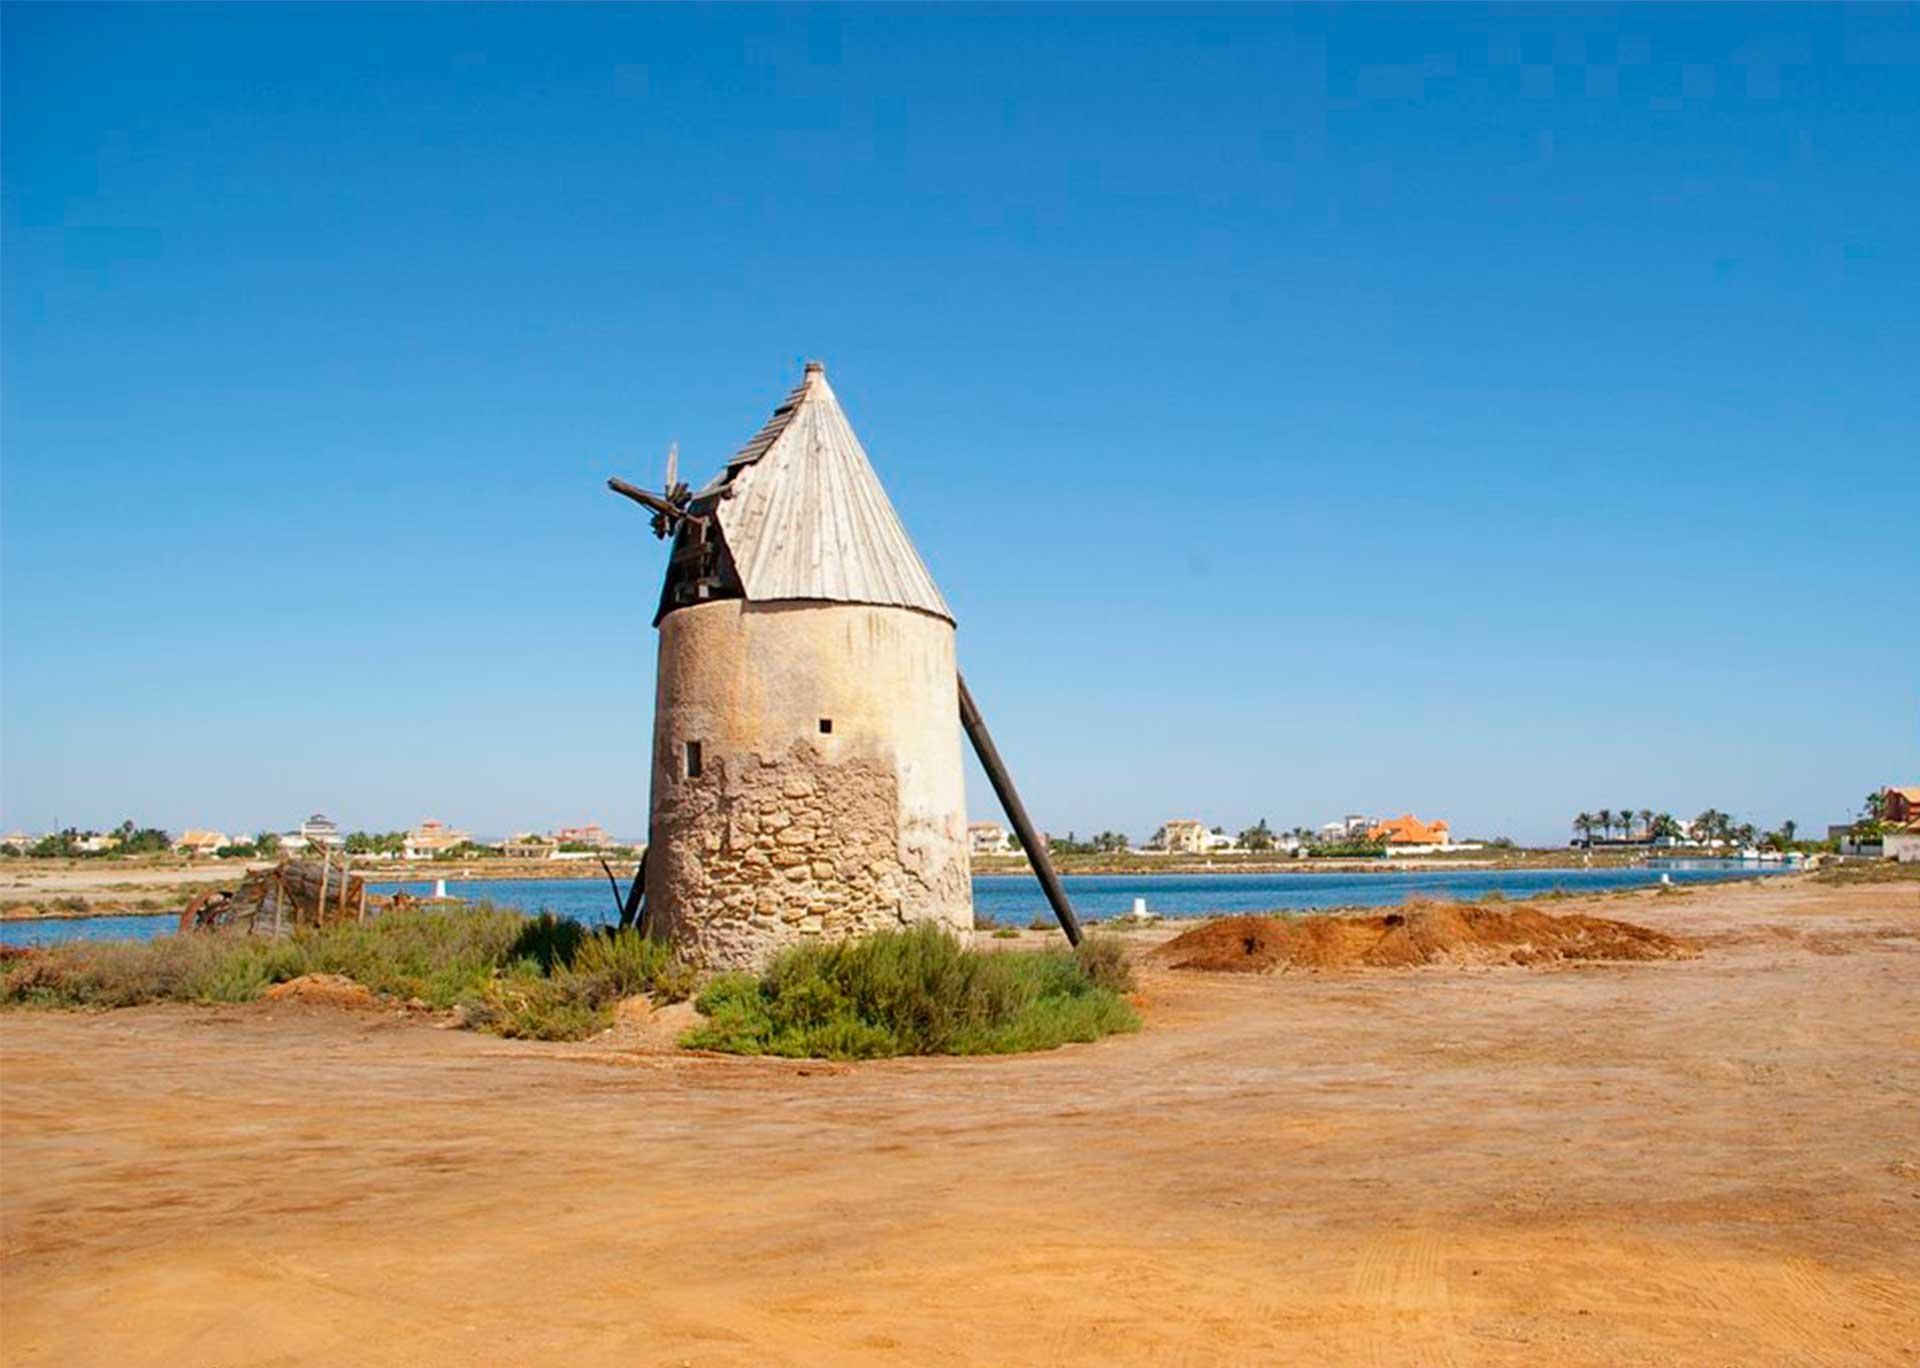 imagen de un molino de viento del siglo XVII